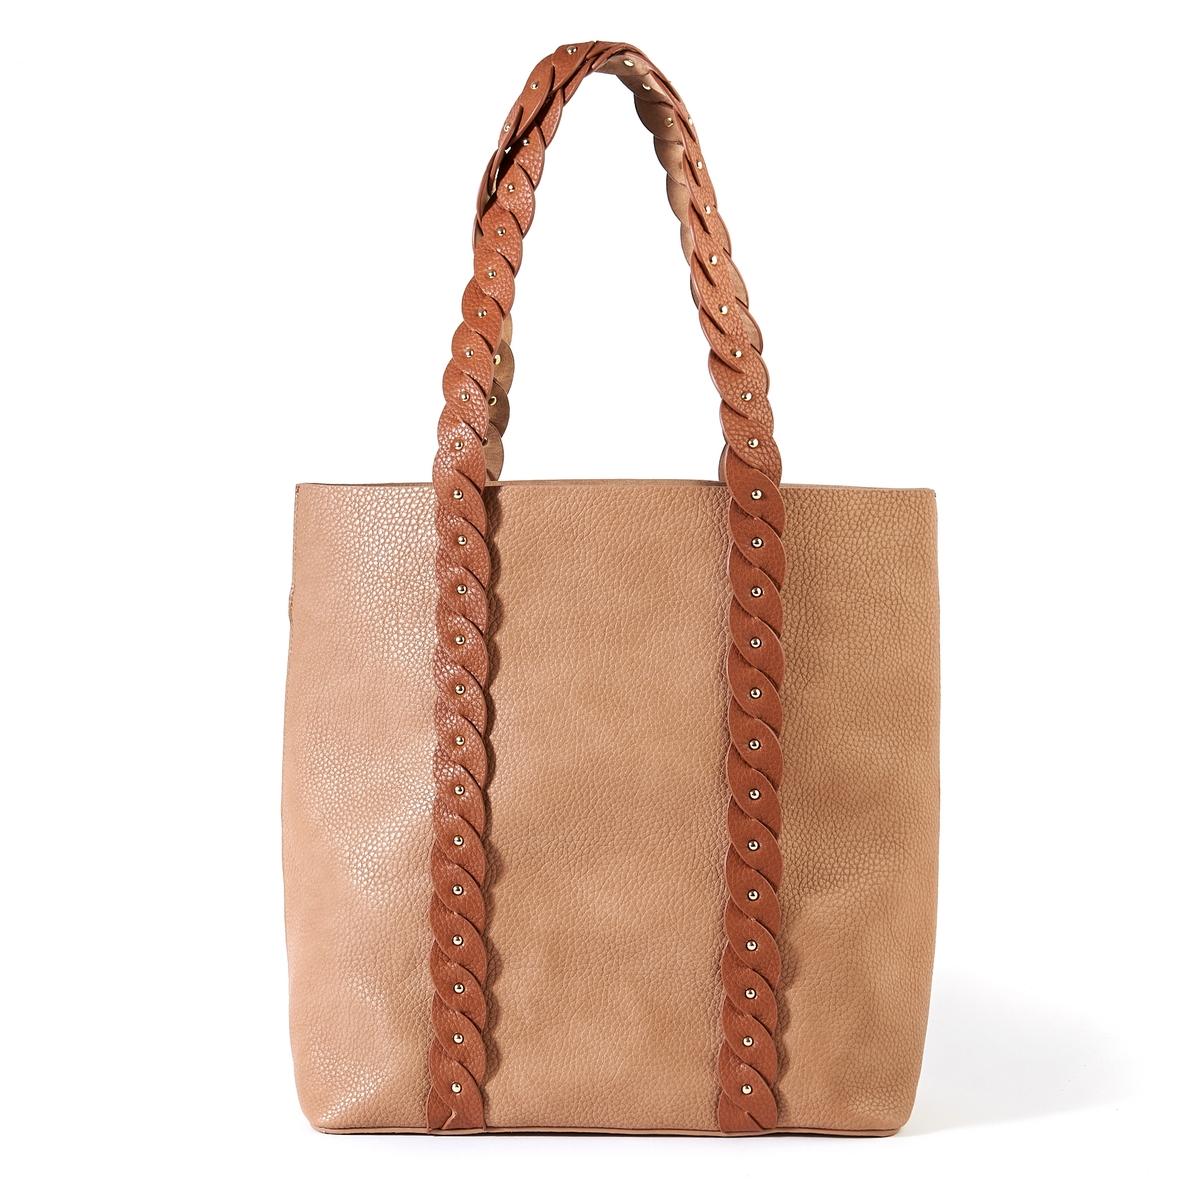 Сумка-шопперОписание:Элегантная и практичная сумка-шоппер с красивыми плетеными ручками и карманом на молнии : идеальная сумка для походов по магазинам !Состав и описание : •  Внешний материал : 100% полиуретан  •  Подкладка : 100% полиэстер •  Размер :  Д40 x В36 х 15 см •  Без застежки •  Внутренний карман : 1 карман на молнии  •  Ремешок : нерегулируемый, несъемный  •  Носить : через плечо<br><br>Цвет: бежевый,черный<br>Размер: единый размер.единый размер